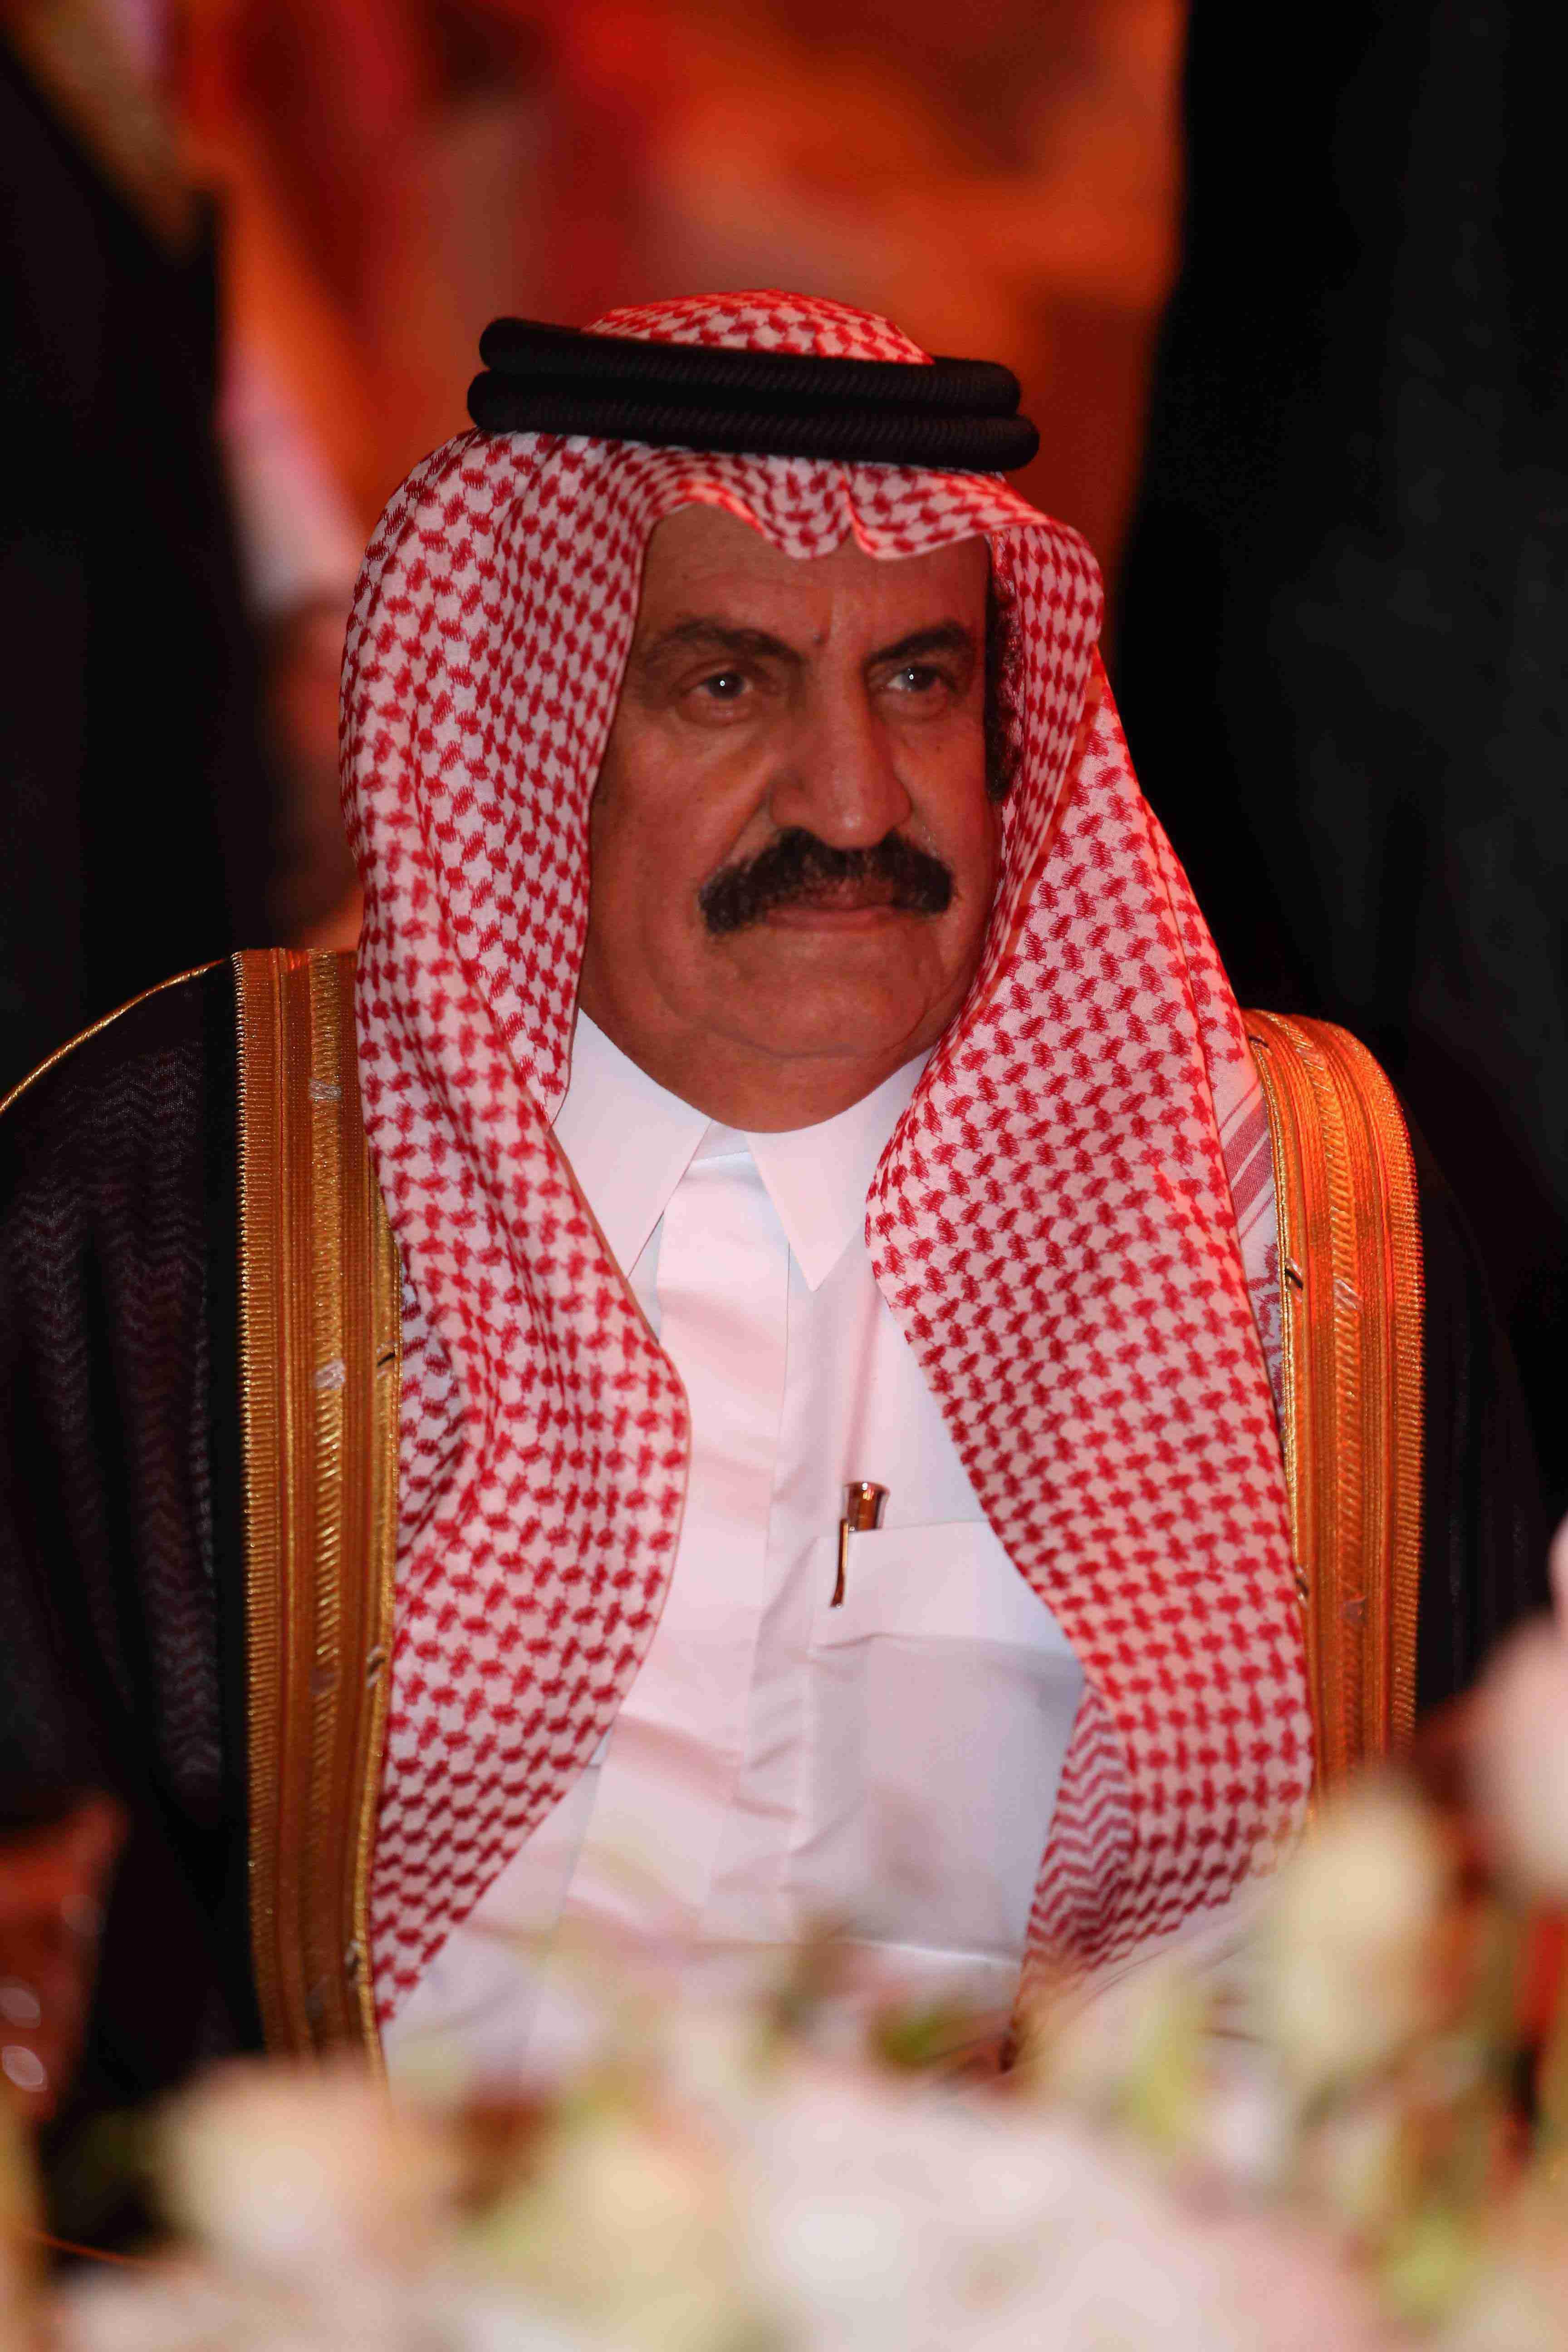 صاحب السمو الأمير/ تركي بن محمد بن سعود الكبير ال سعود